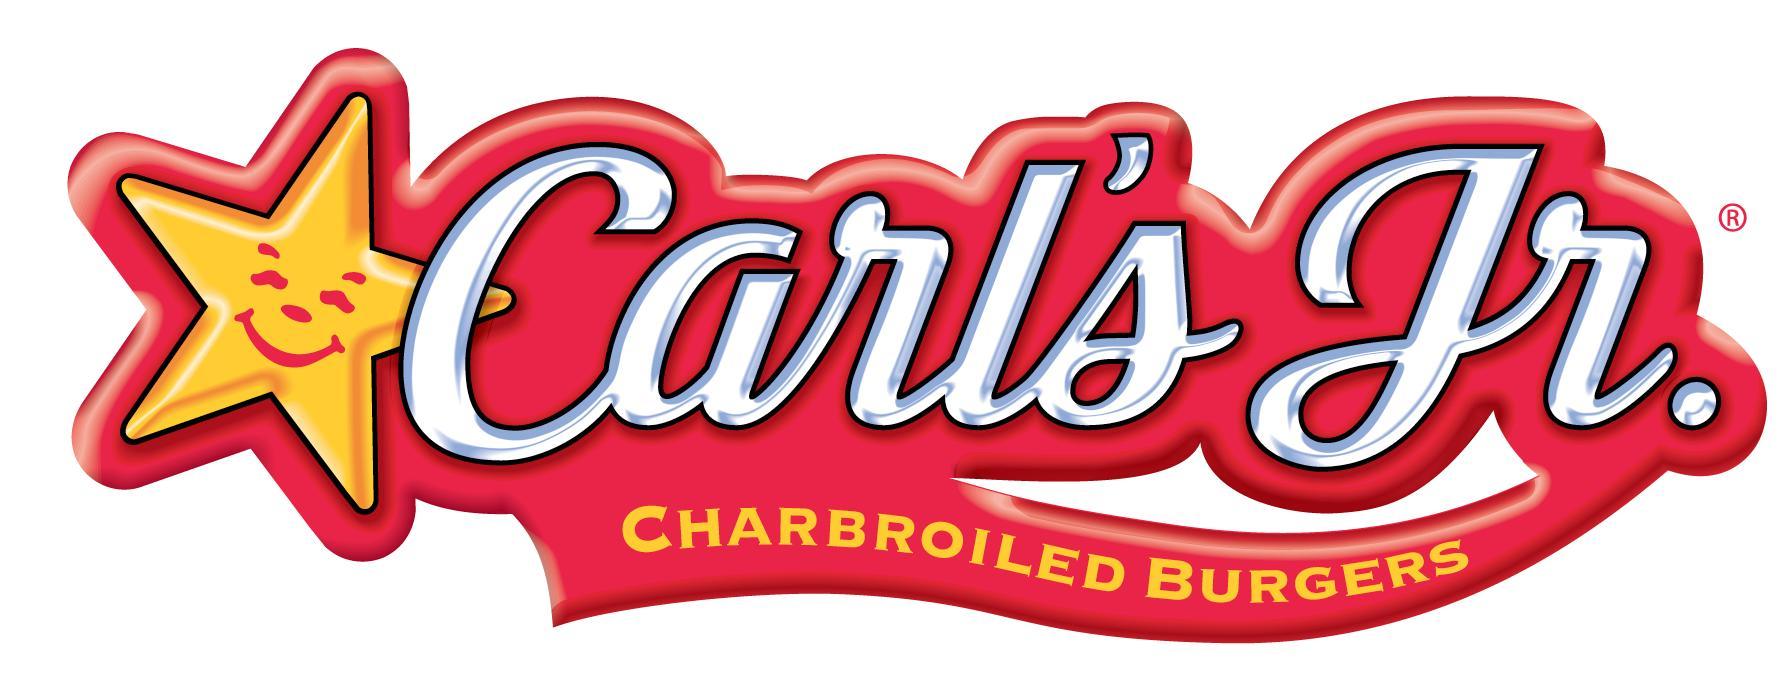 Carl's Junior aterriza en España con sus hamburguesas californianas